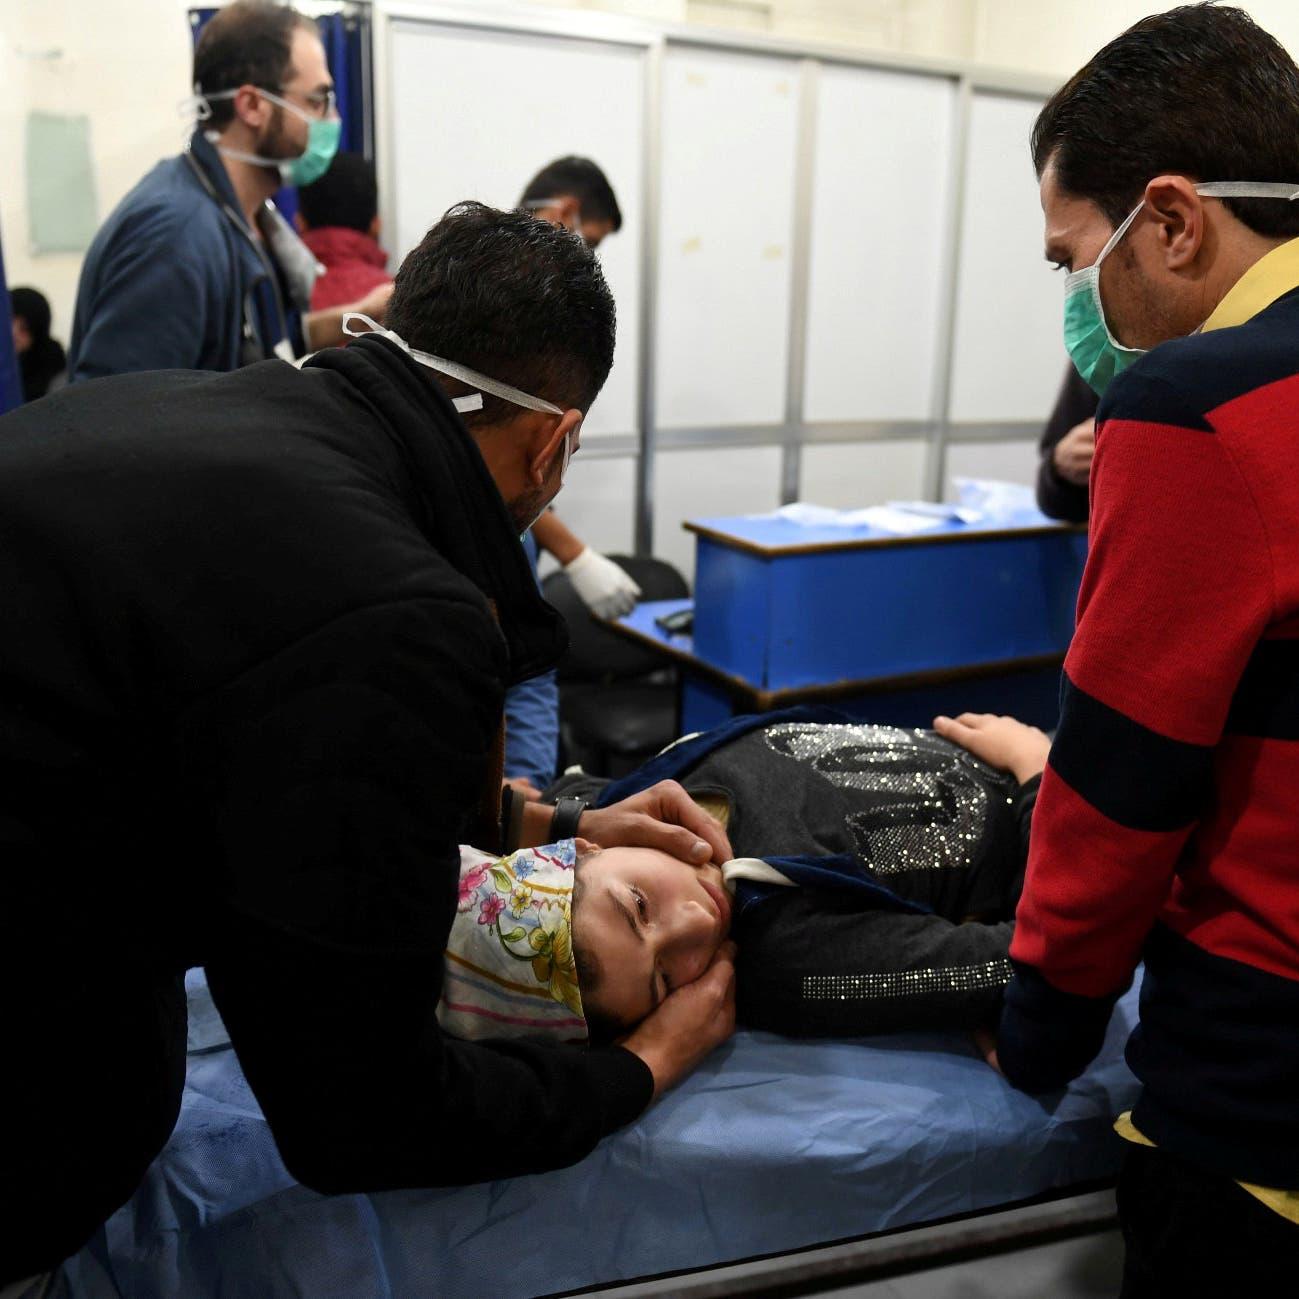 تأكيد ضربة كيمياوية للأسد قبل عمل اللجنة الدستورية